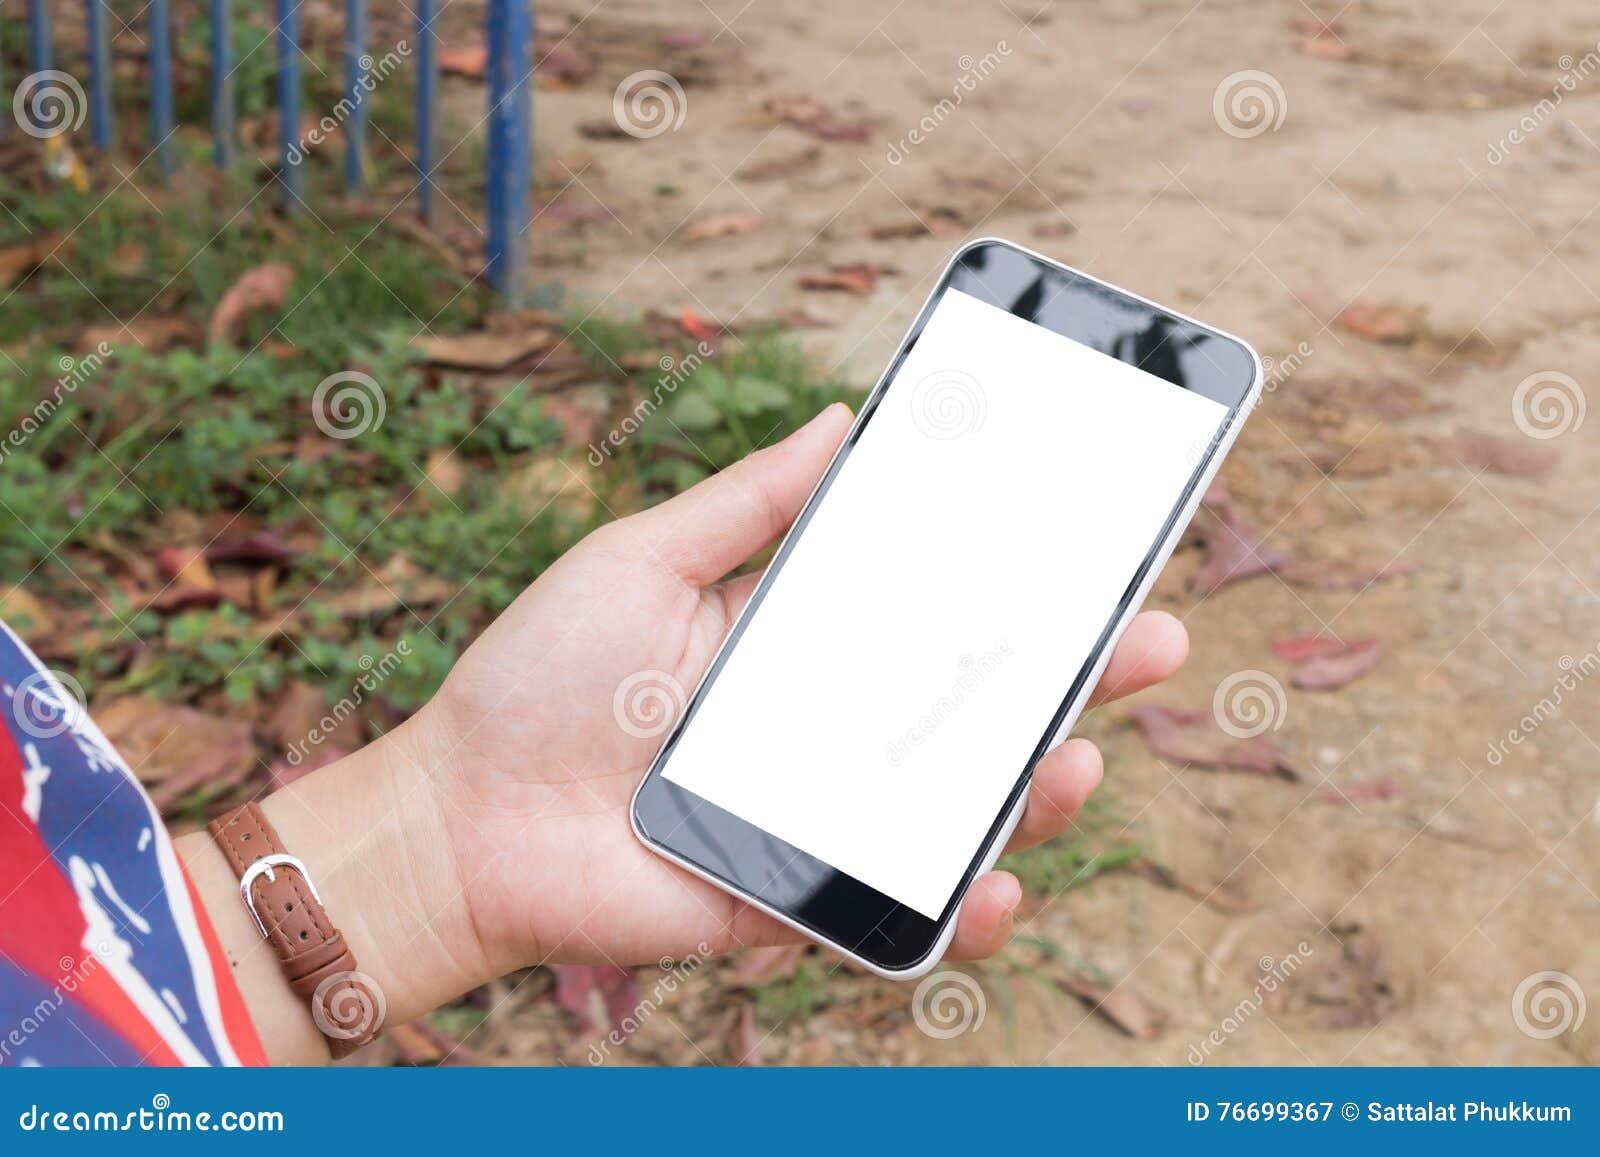 Teléfono elegante del control de la mano de la mujer, tableta, teléfono móvil